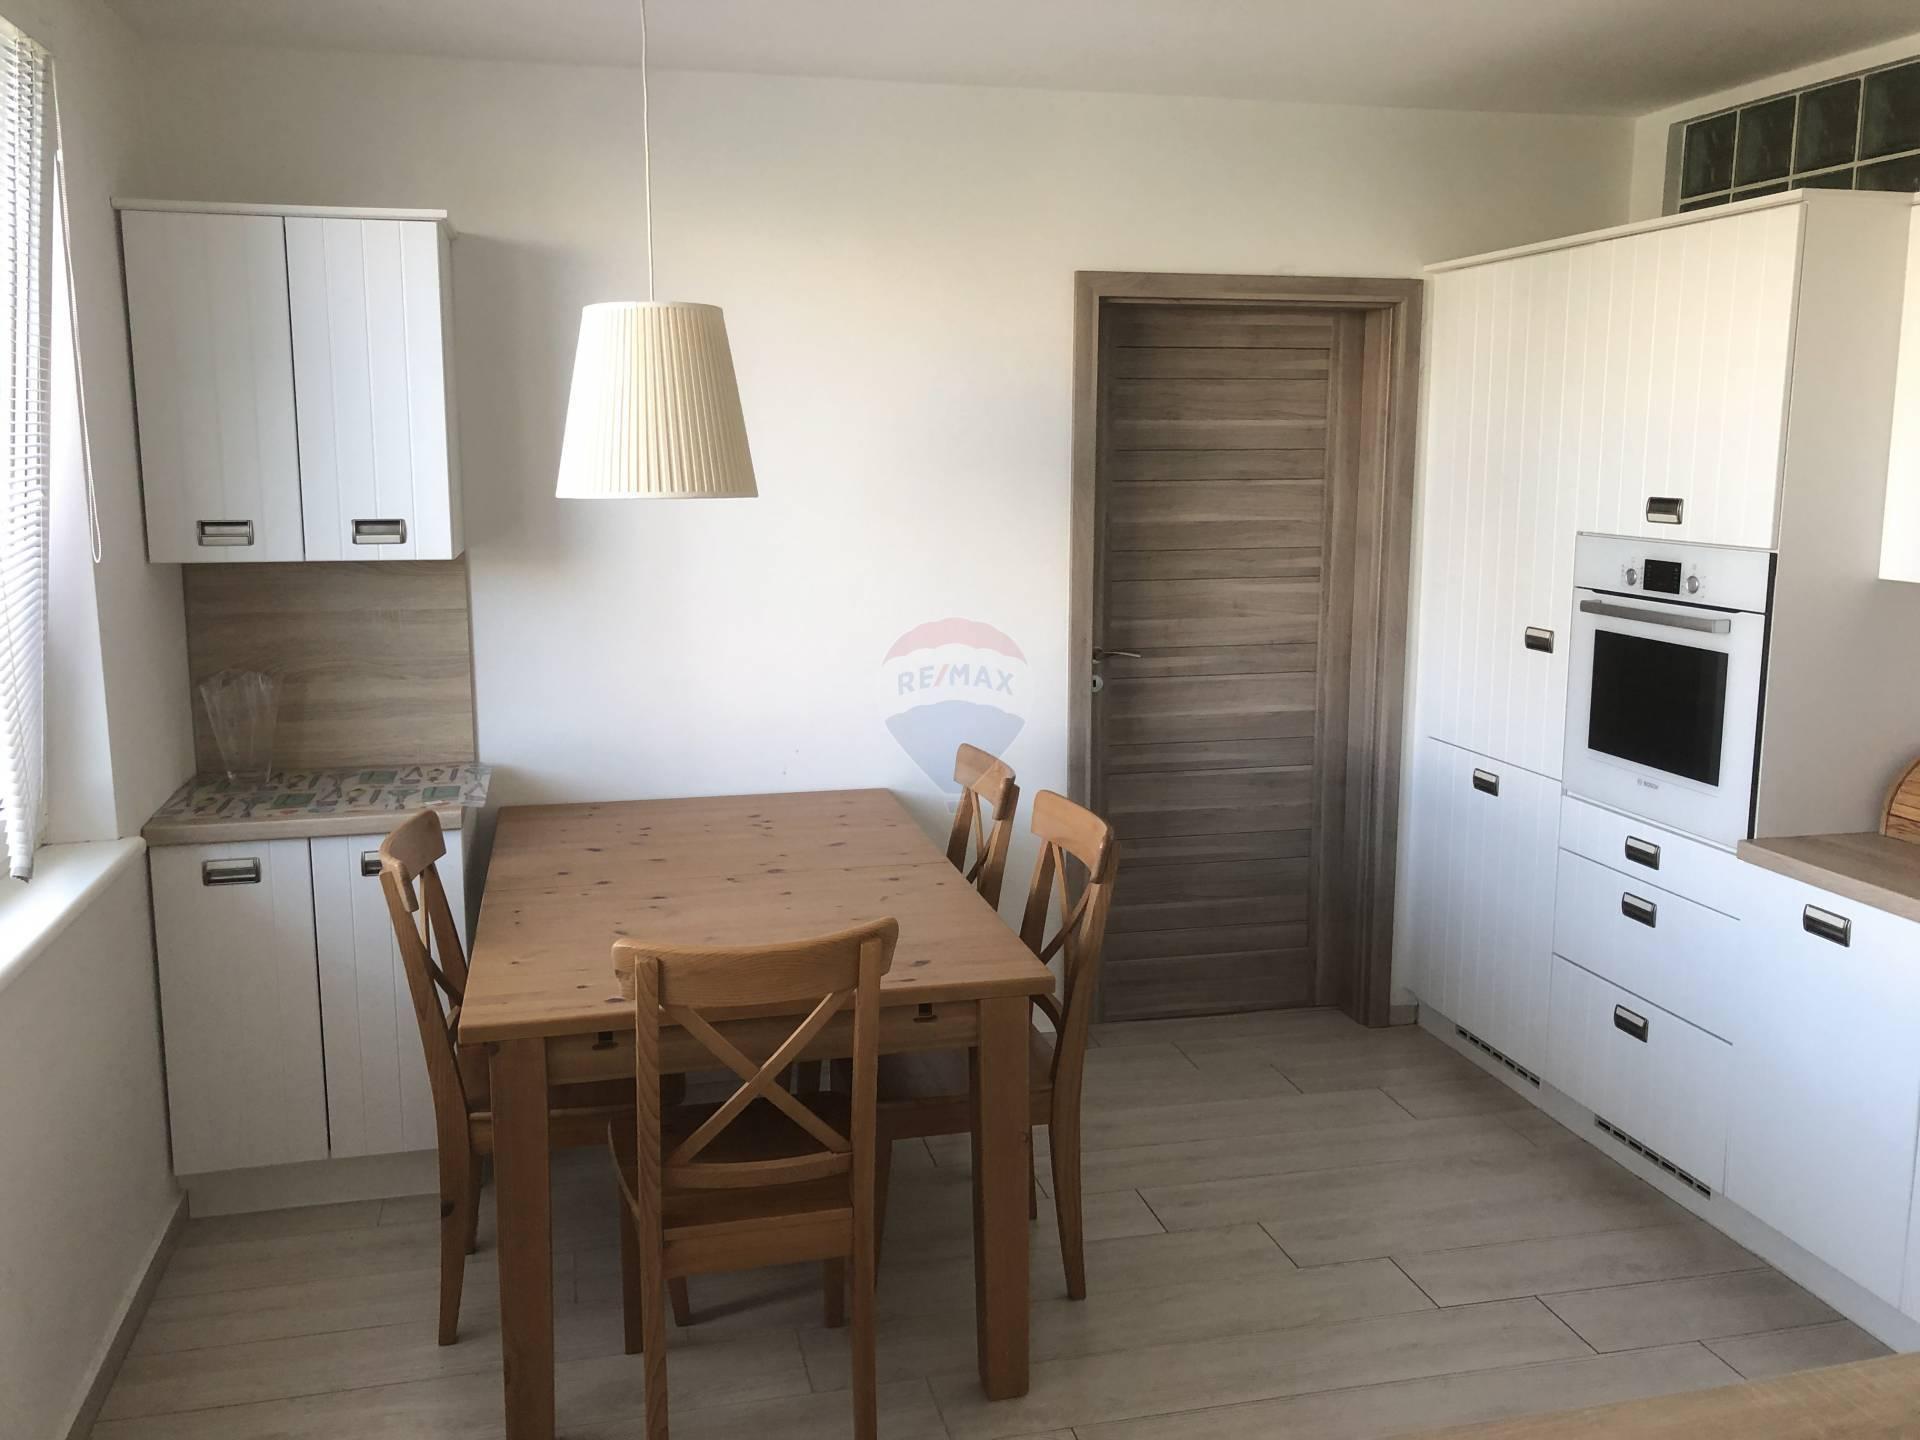 Prenájom bytu (3 izbový) 75 m2, Trnava - jedáleň